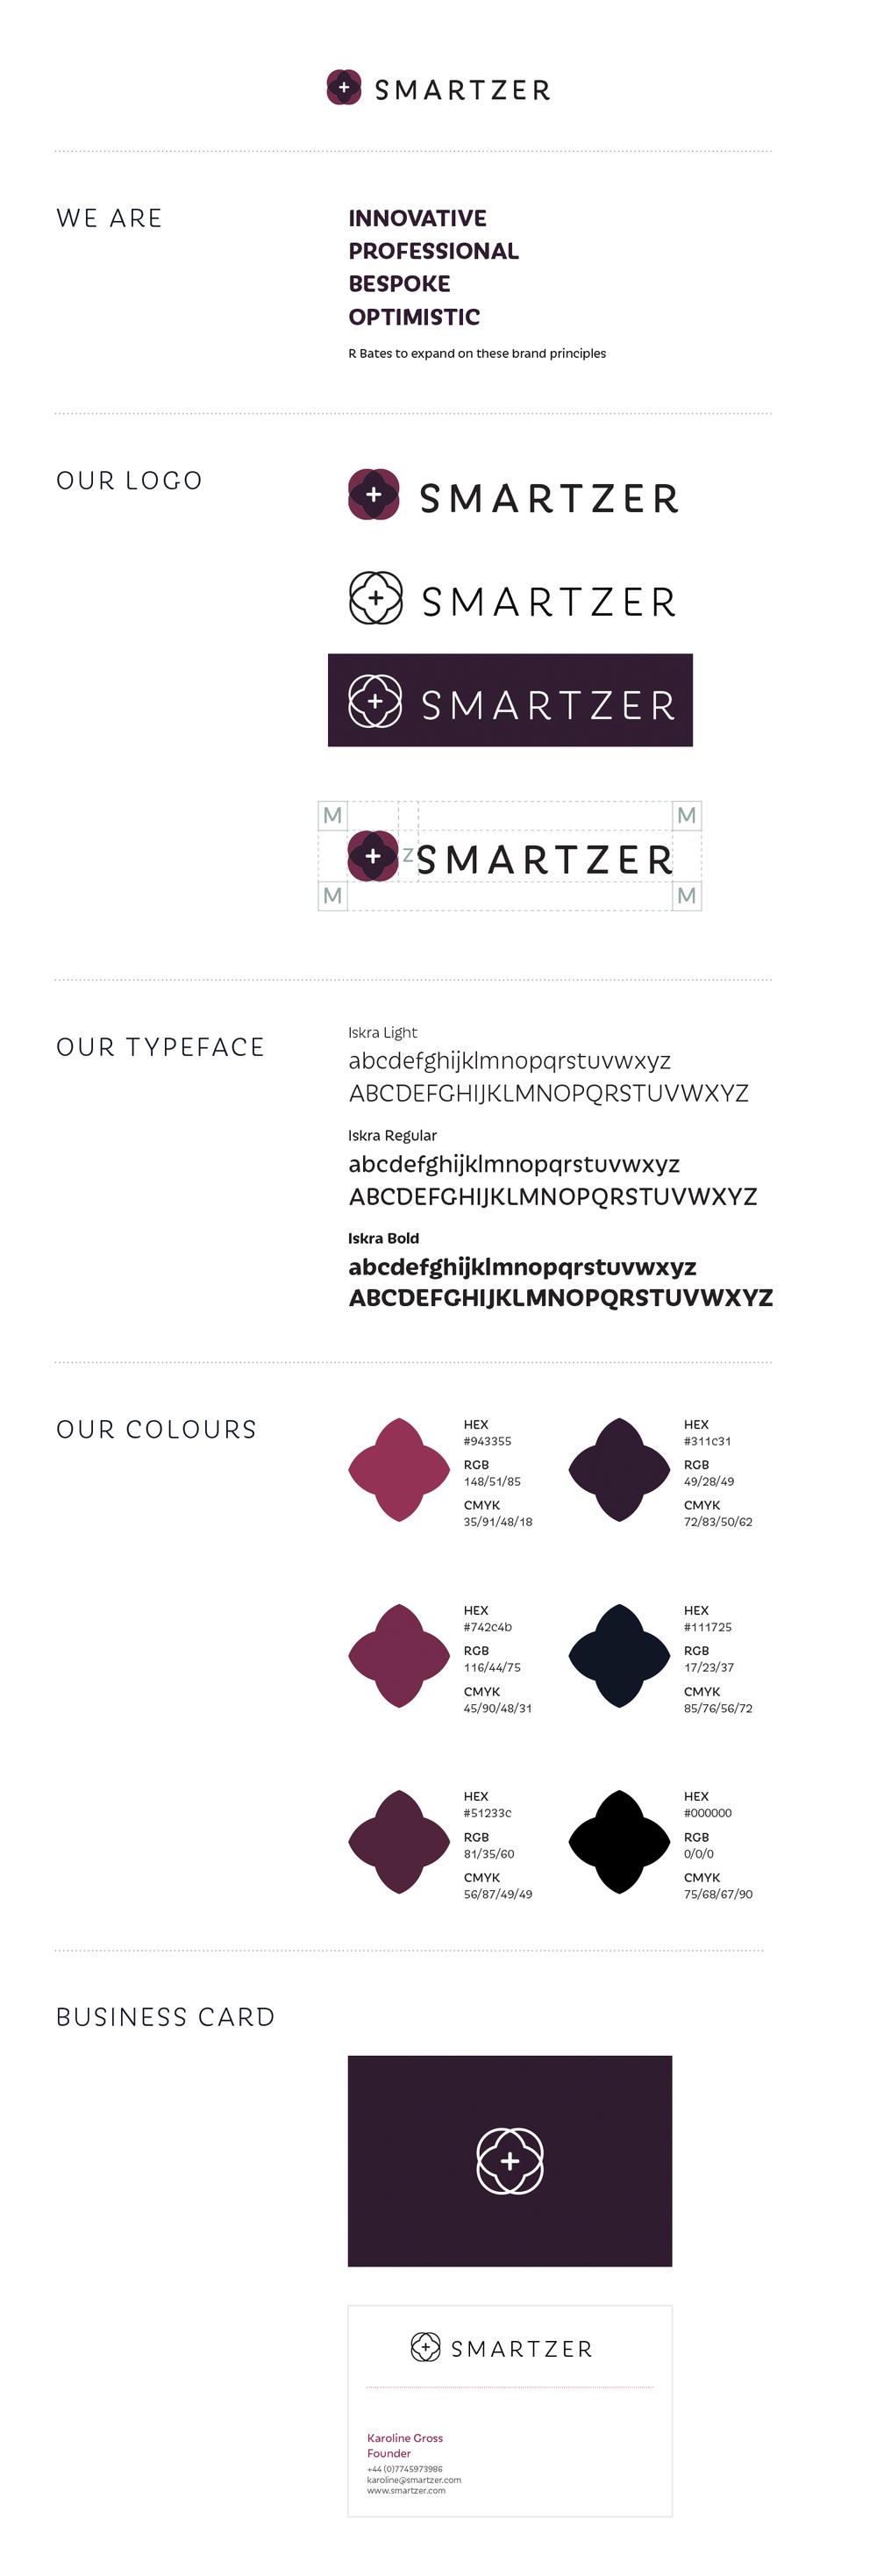 smartzer1.jpg